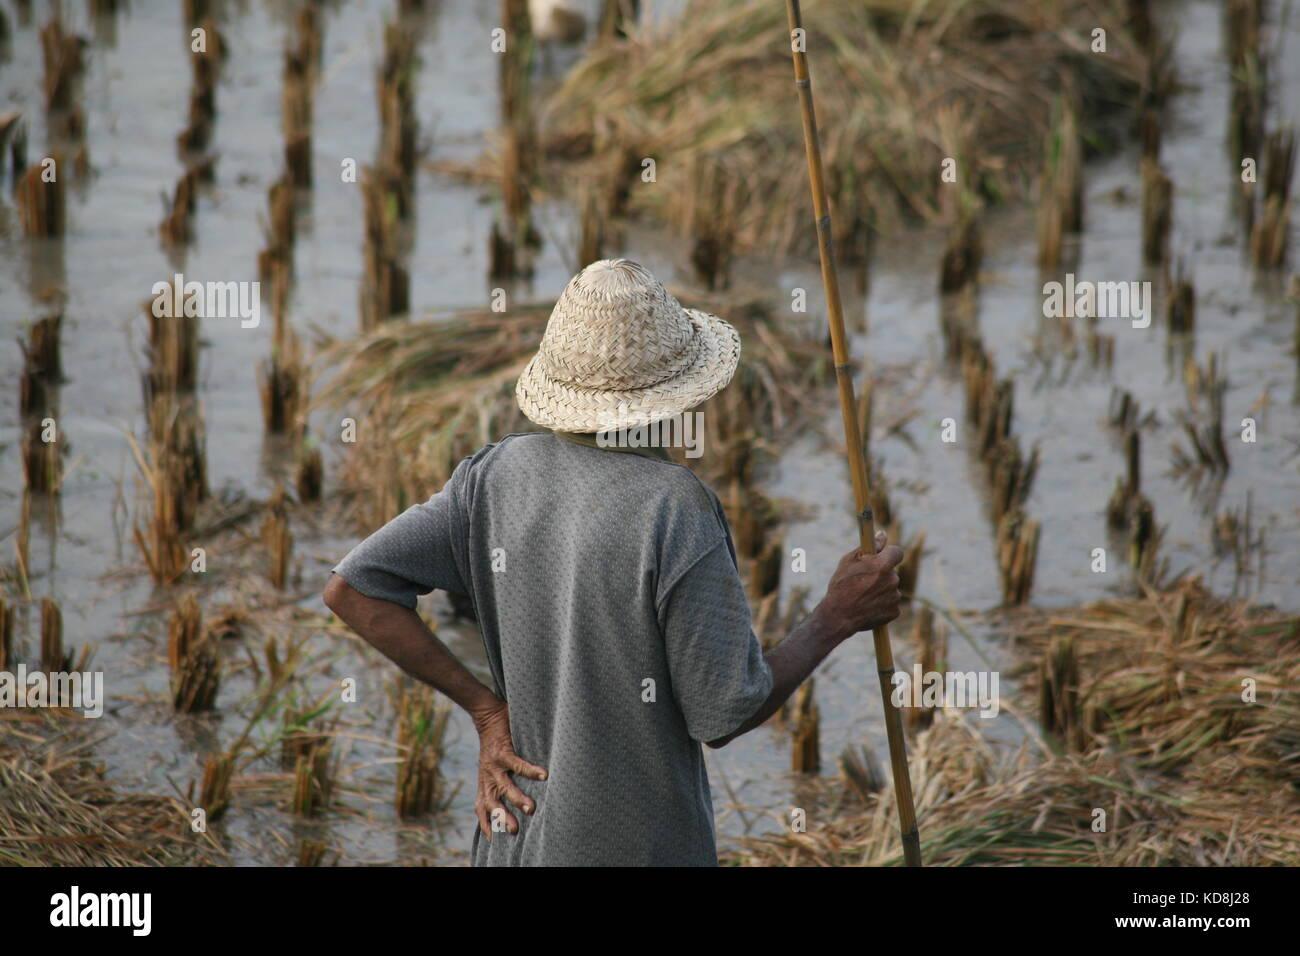 Mann im Reisfeld bei der Ernte - Man in rice field at harvest - Stock Image